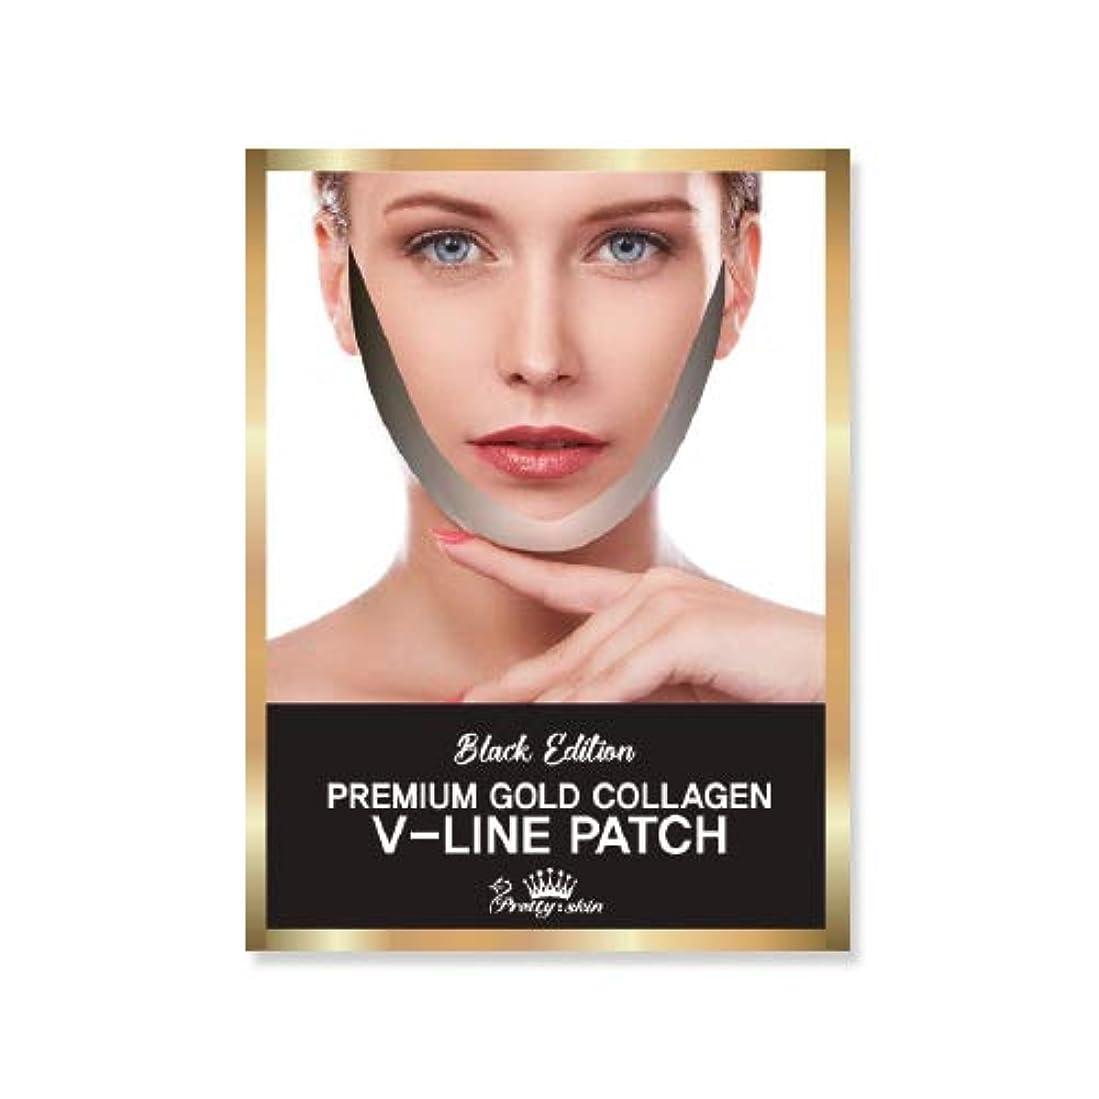 スクラップそれによって無視pretty skin プリティスキン V-LINE PATCH ブイラインパッチ リフトアップ マスク (5枚組, ブラック)